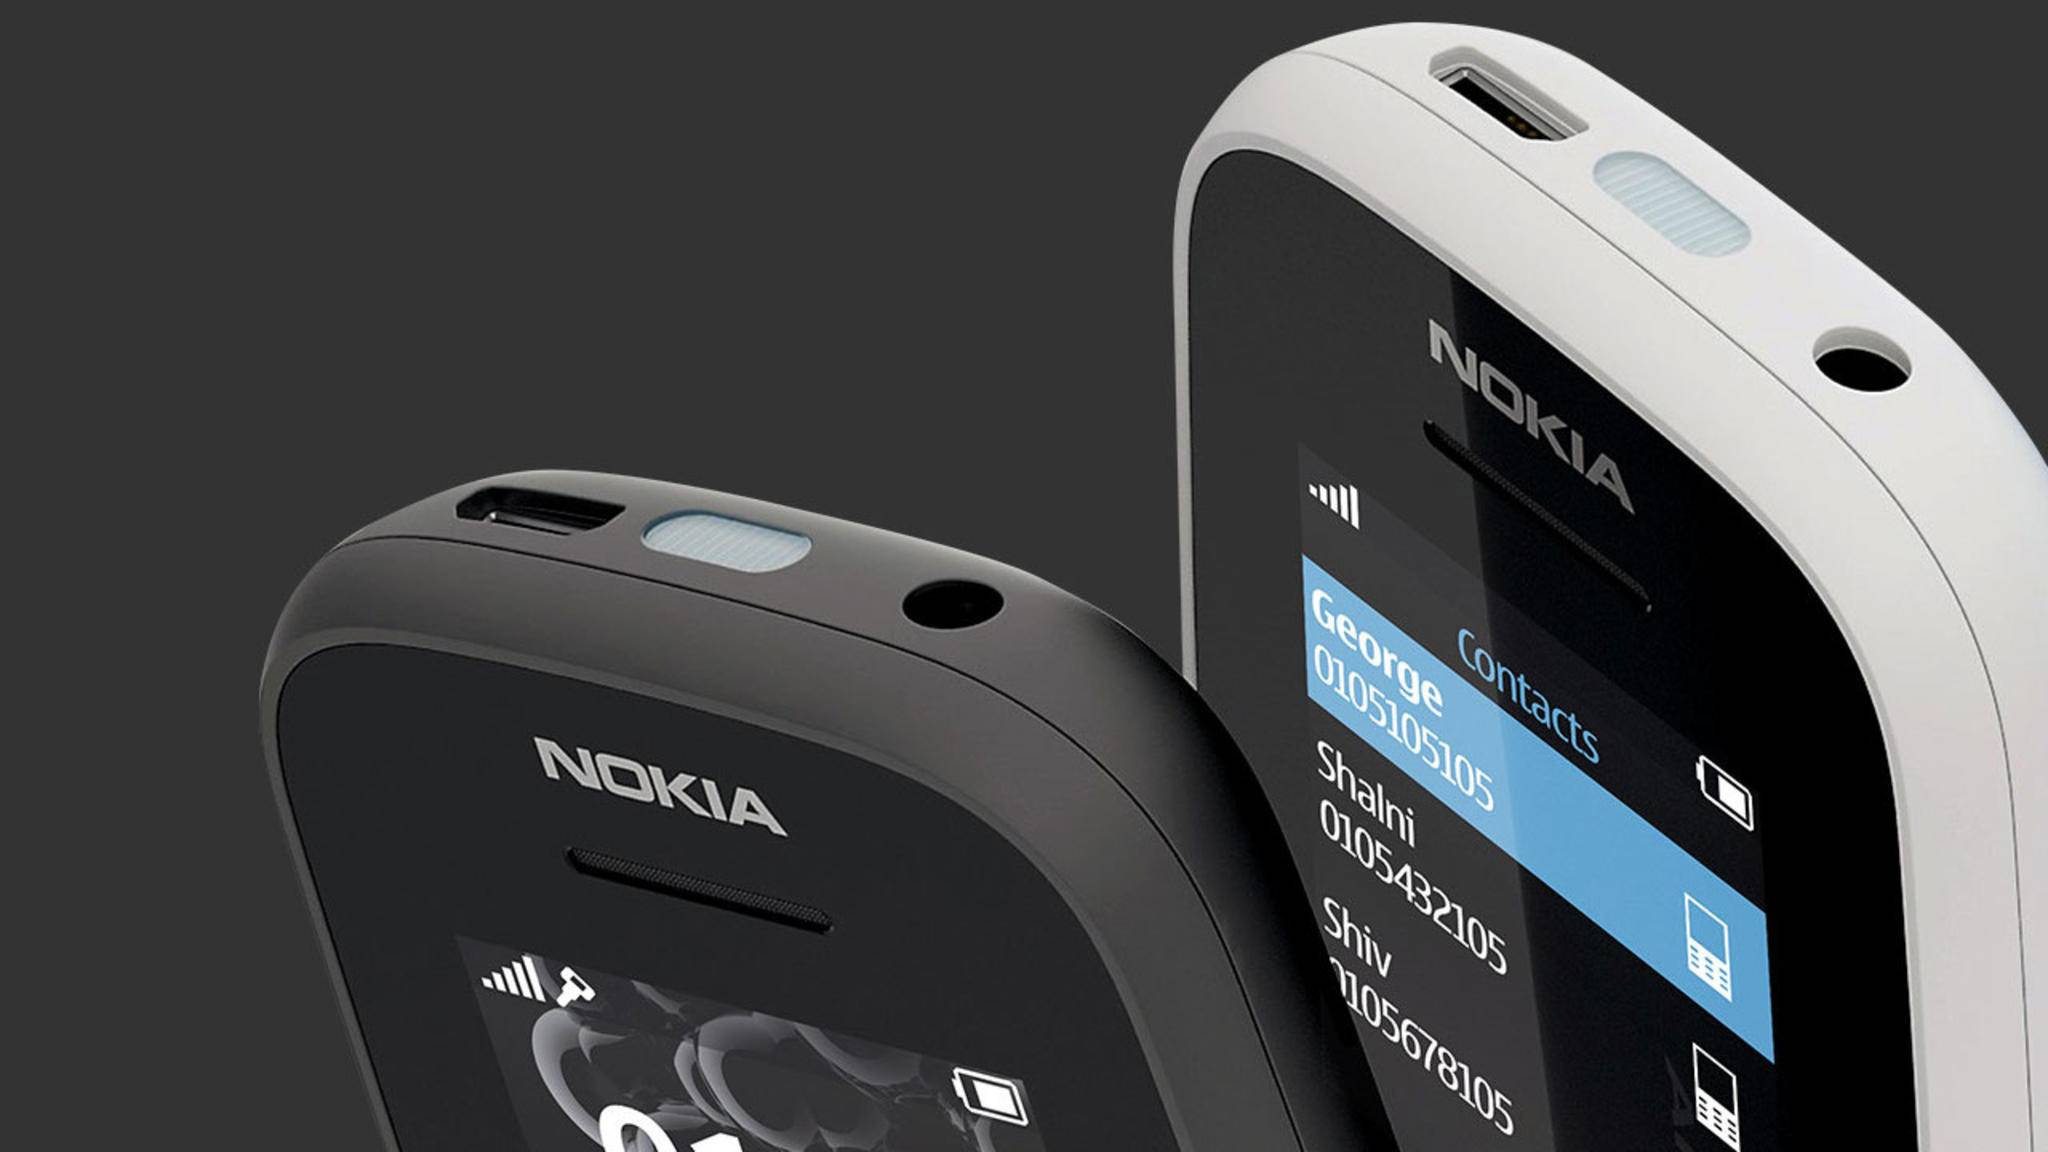 Auf der Suche nach einem Zweit-Handy? Das neue Nokia 105 gibt es schon für 15 US-Dollar zu kaufen.